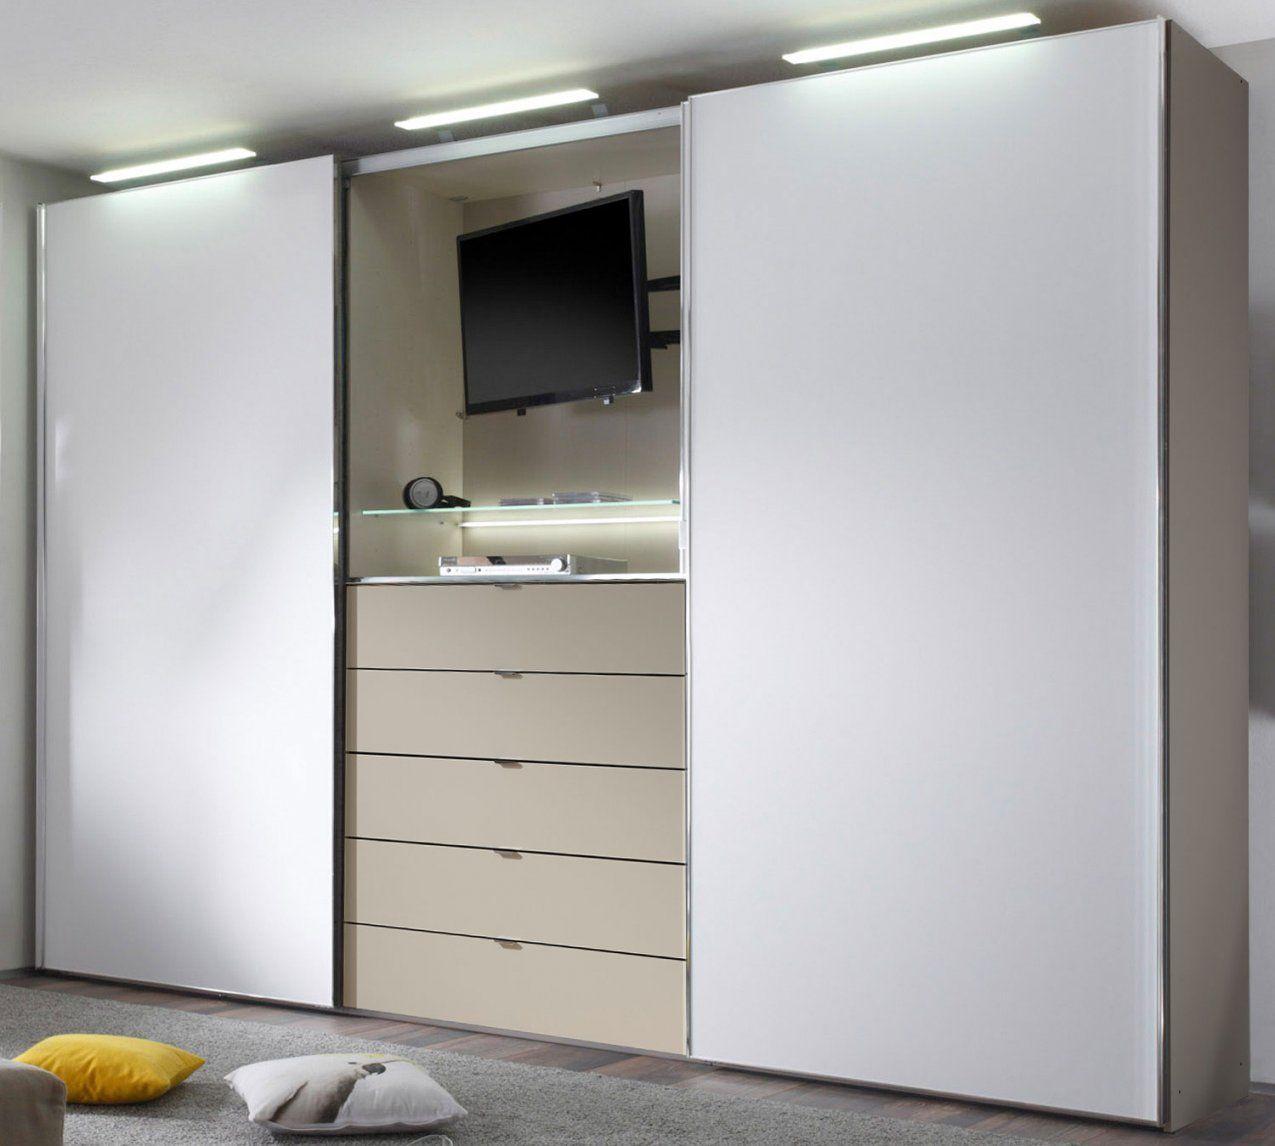 Kleiderschrank Mit Tv Aussparung  Haus Design Ideen